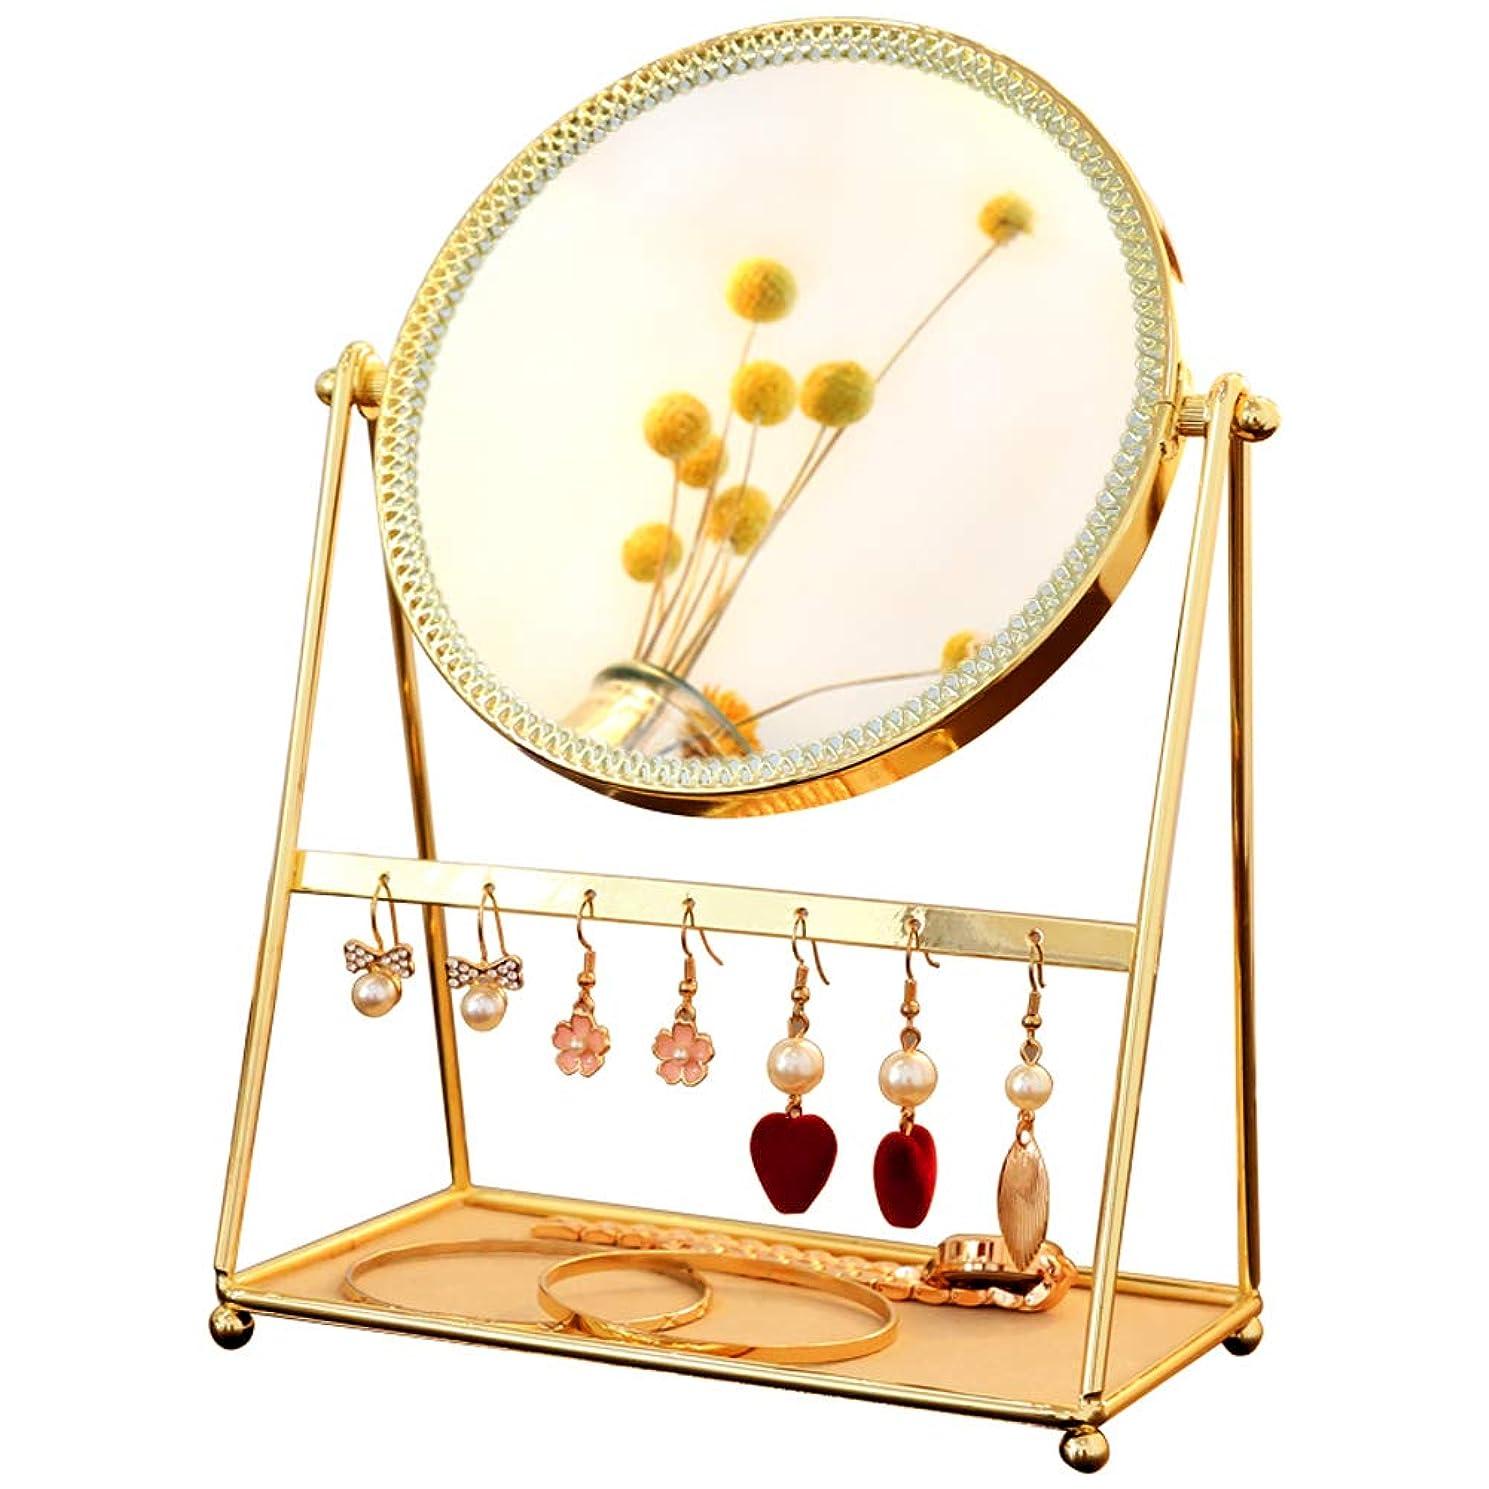 良い方法論何故なのGloDeals装飾 化粧鏡 JEWELRY TRAY(ジュエリートレイ) アクセサリー収納 ピアスケース 卓上鏡 スタンドミラー メイク 化粧道具 かわいい ジュエリーボックス 小物入れ 化粧品 おしゃれ収納ケース (gold)